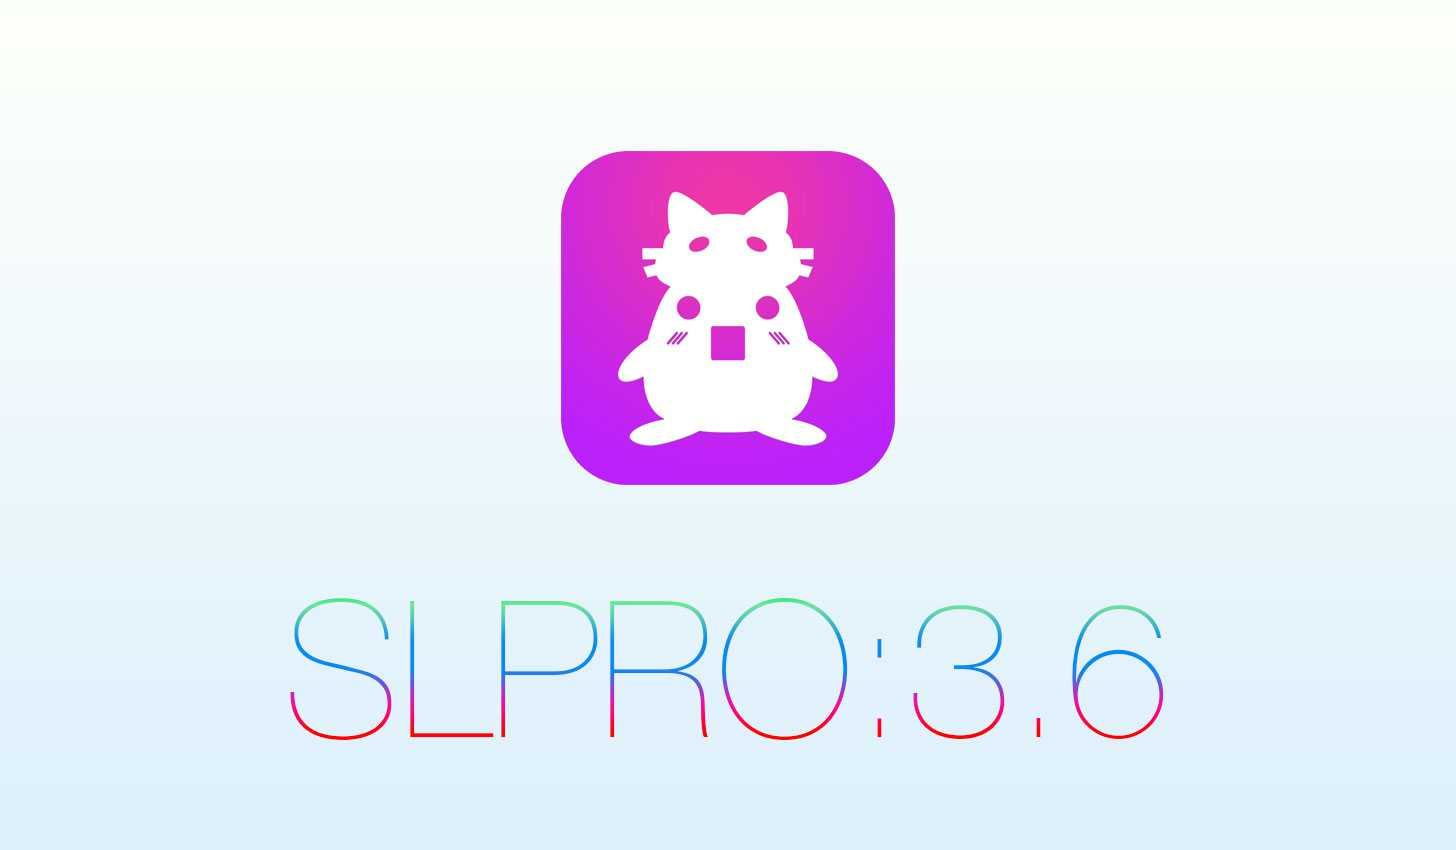 するぷろ for iOS:3.6